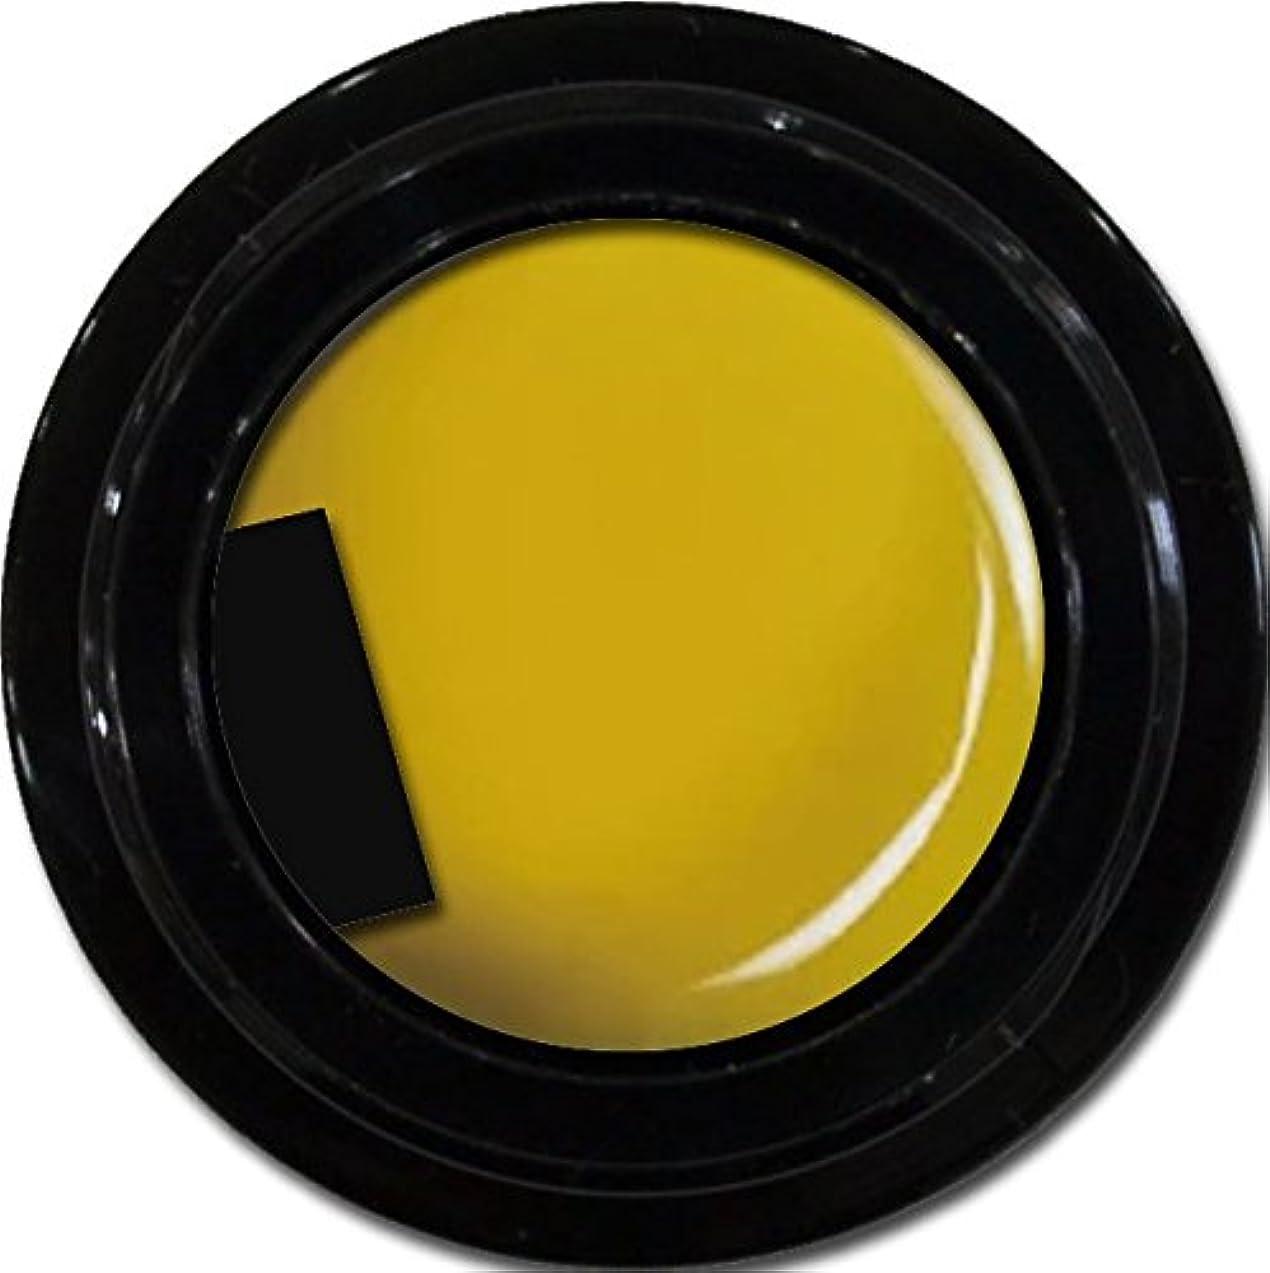 シーン飛行機悪いカラージェル enchant color gel M604 Mustard 3g/ マットカラージェル M604 マスタード 3グラム